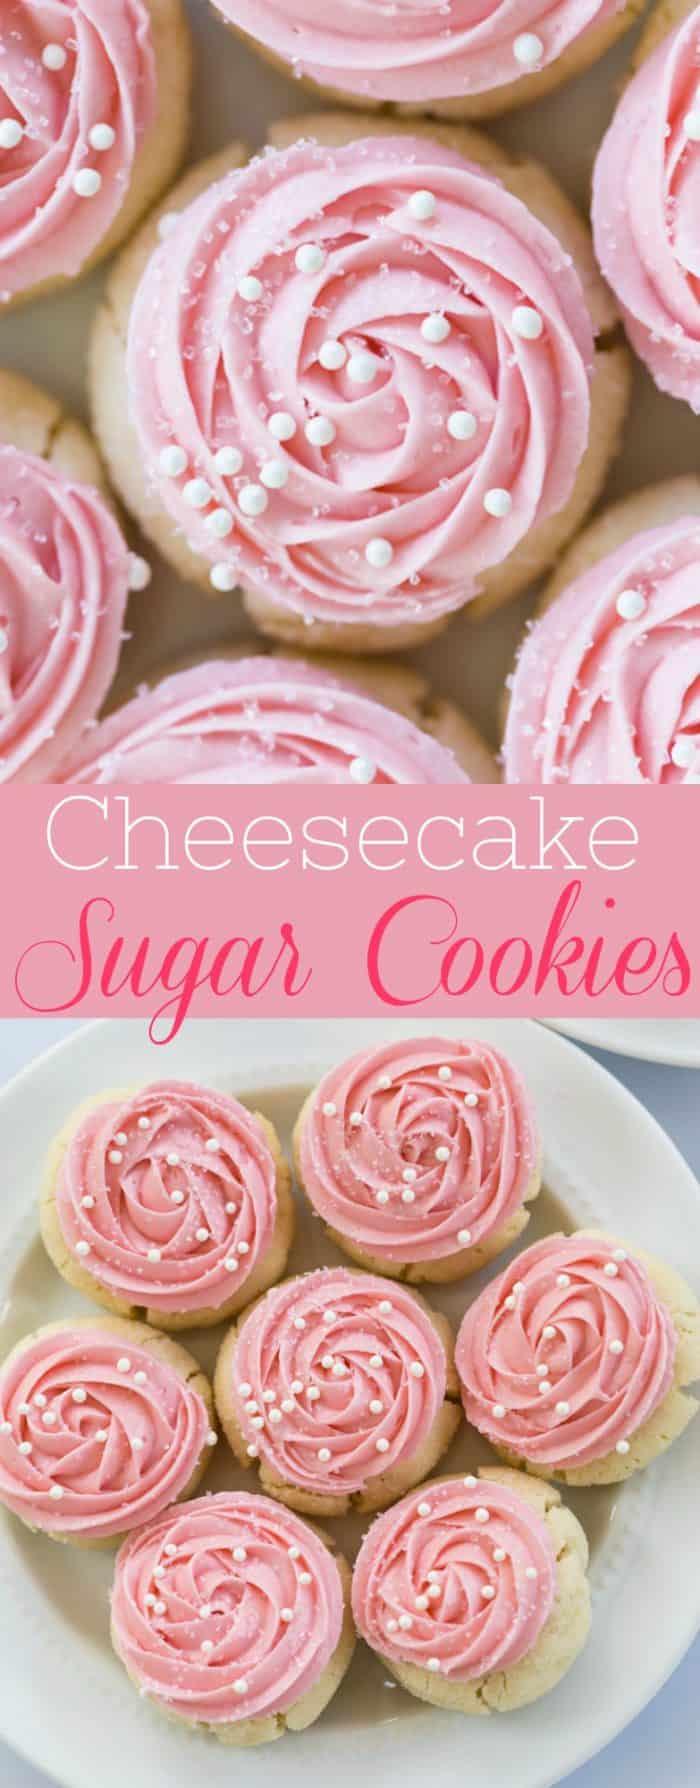 Cheesecake Sugar Cookies